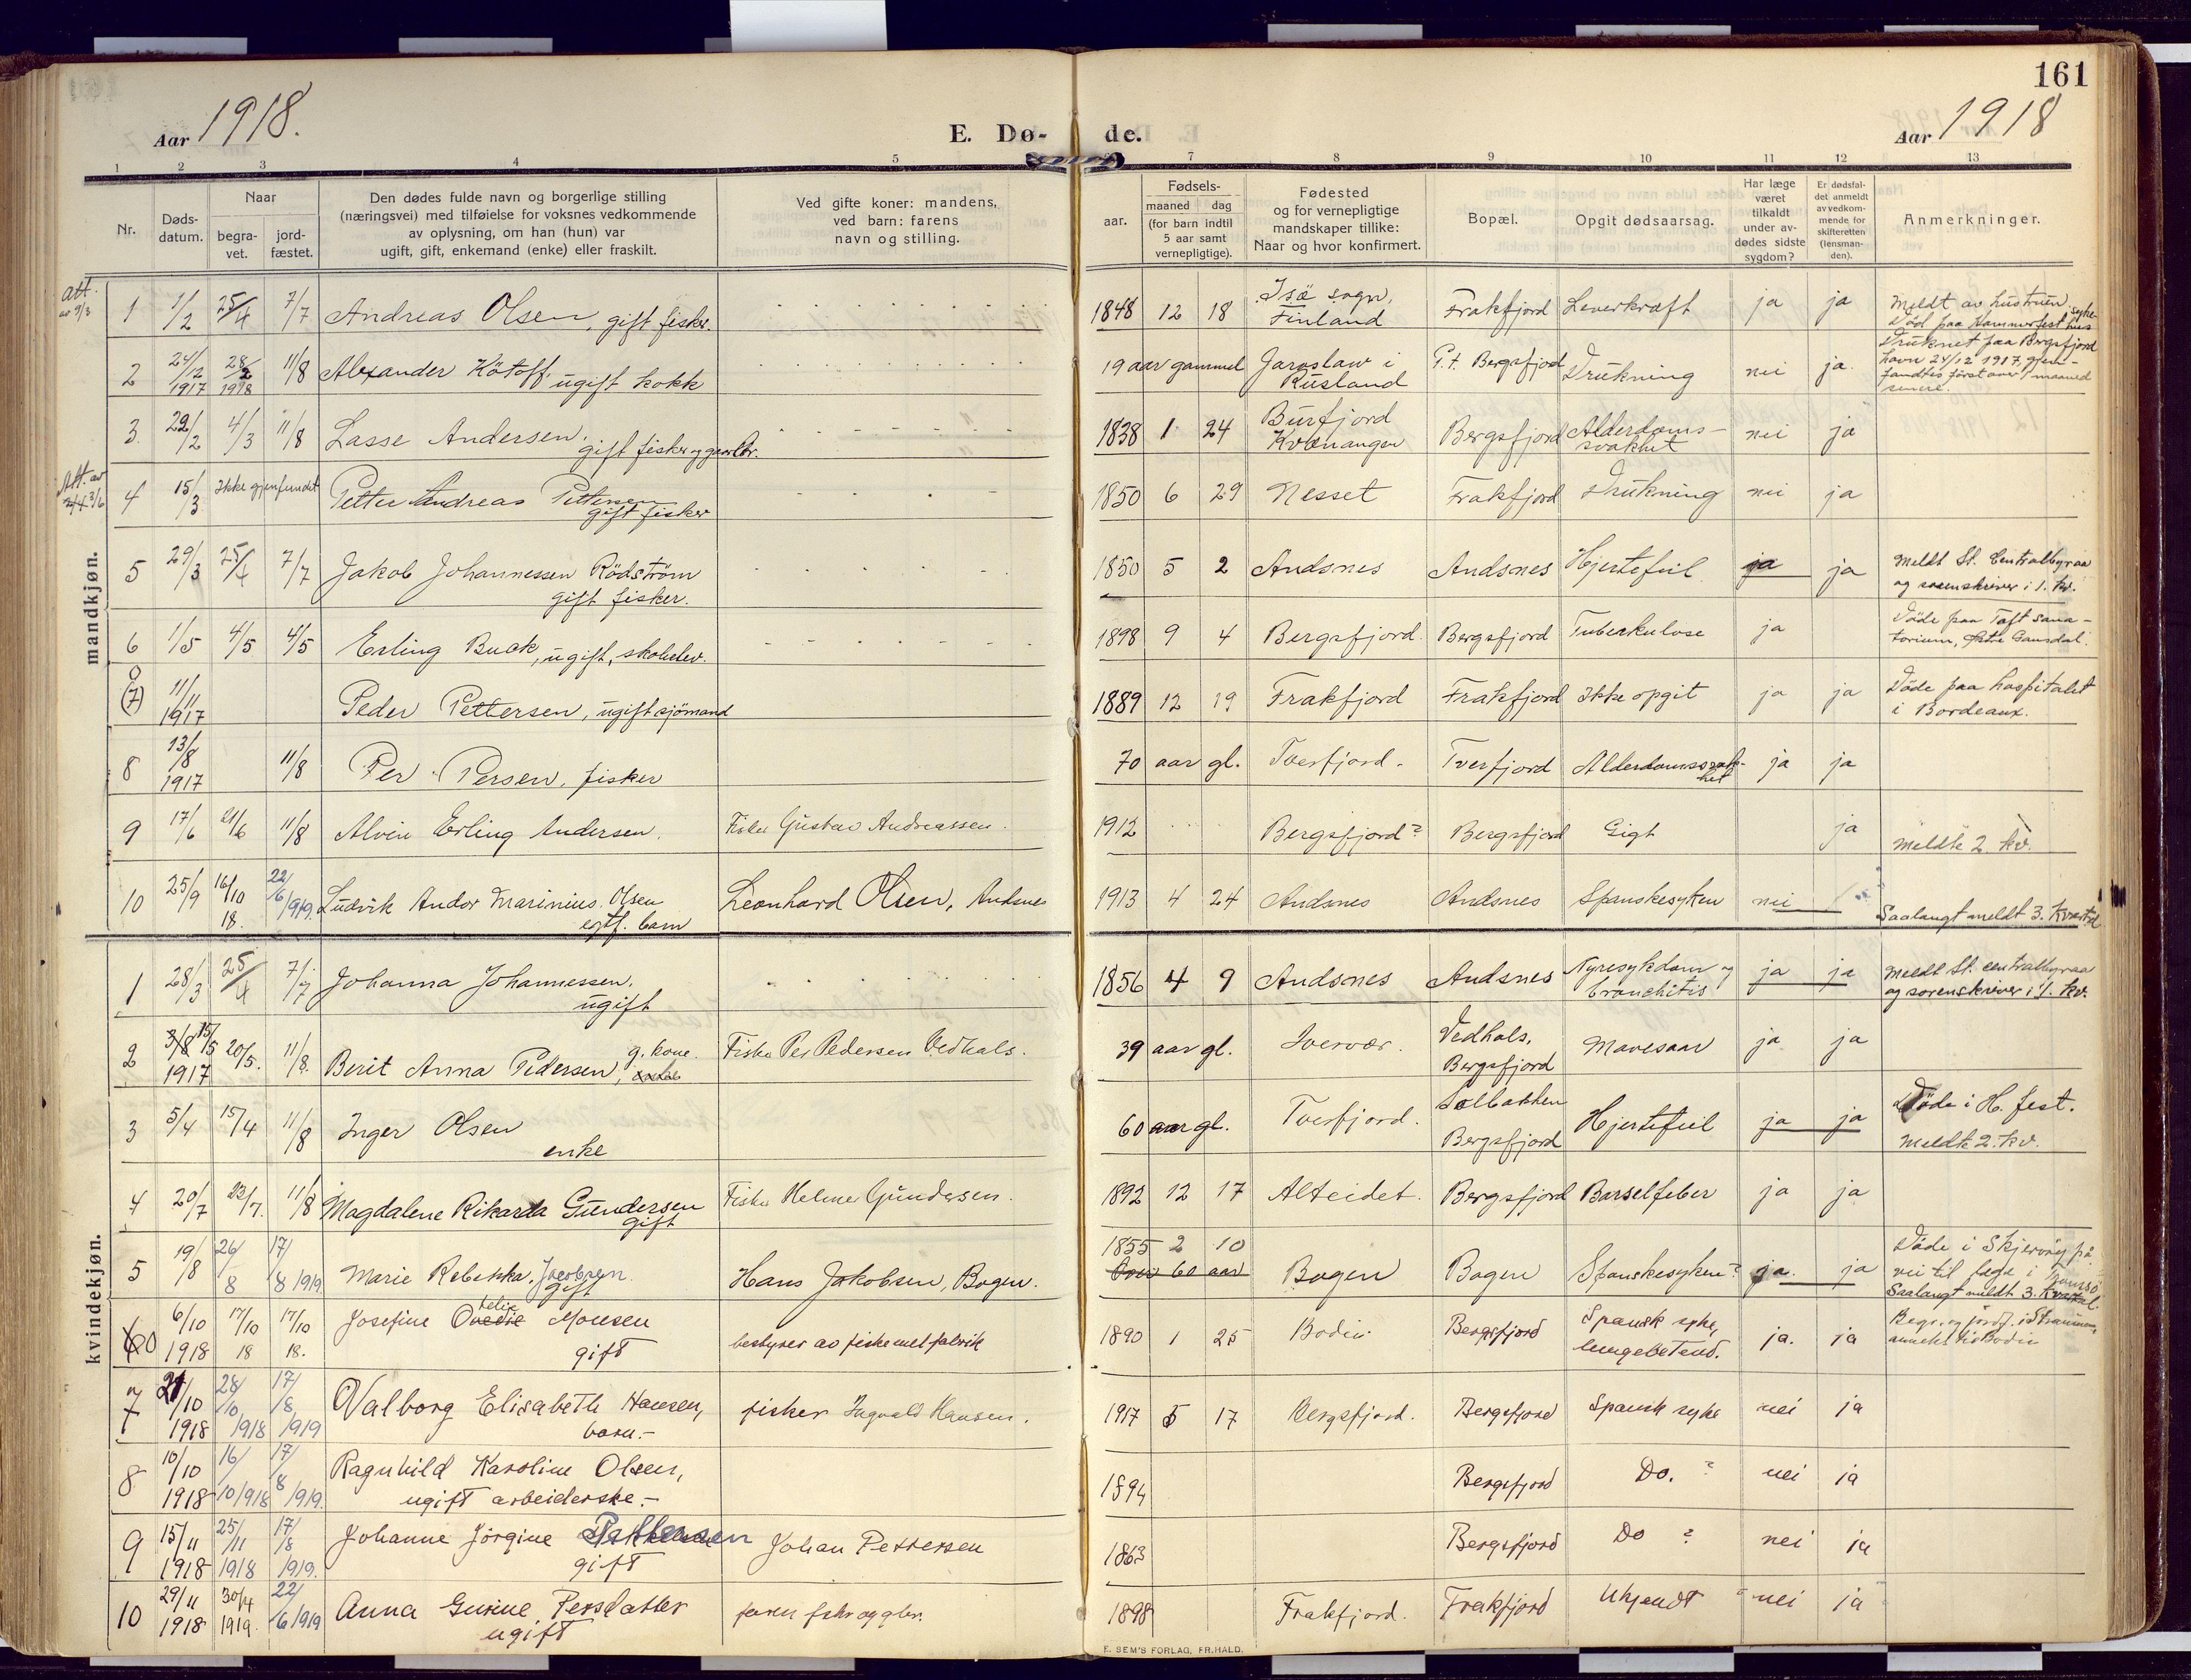 SATØ, Loppa sokneprestkontor, H/Ha/L0011kirke: Ministerialbok nr. 11, 1909-1919, s. 161